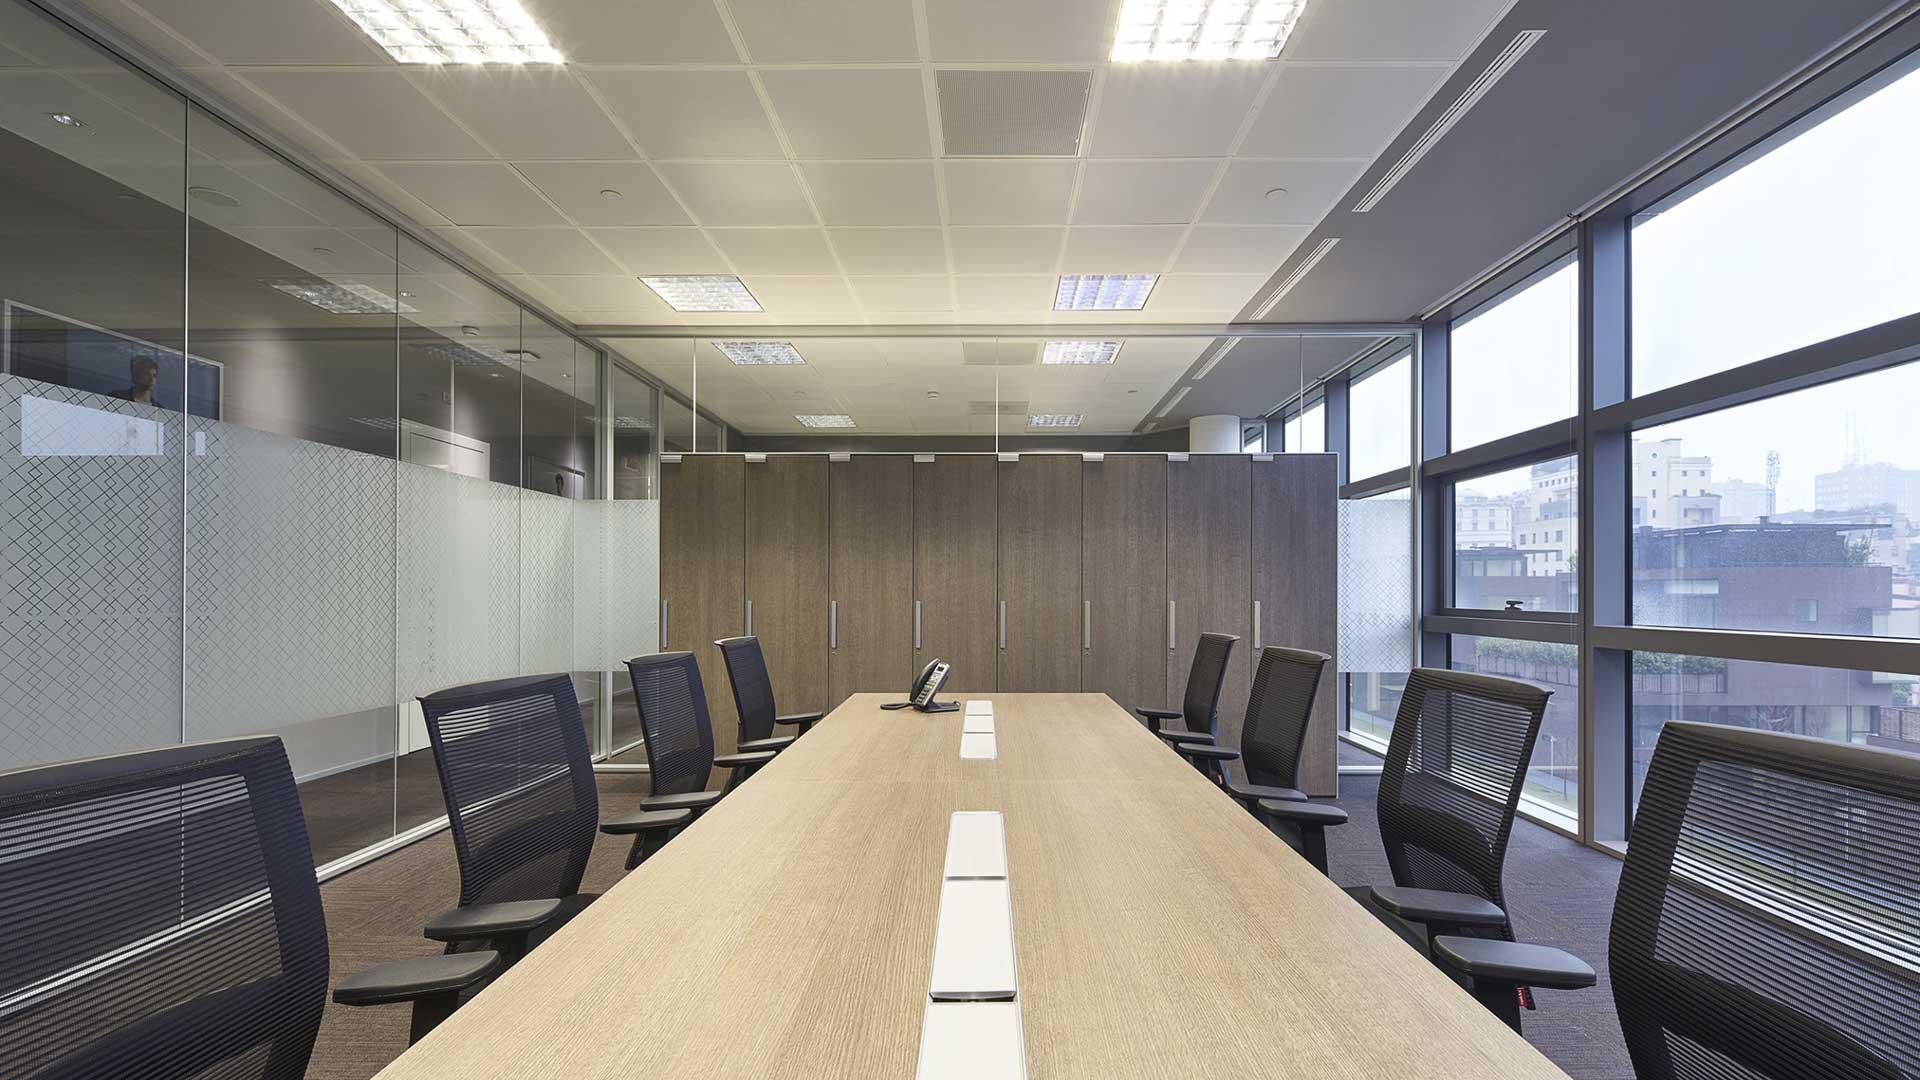 Pareti-divisorie-attrezzate-ufficio-quali-scegliere-Level-Office-Landscape